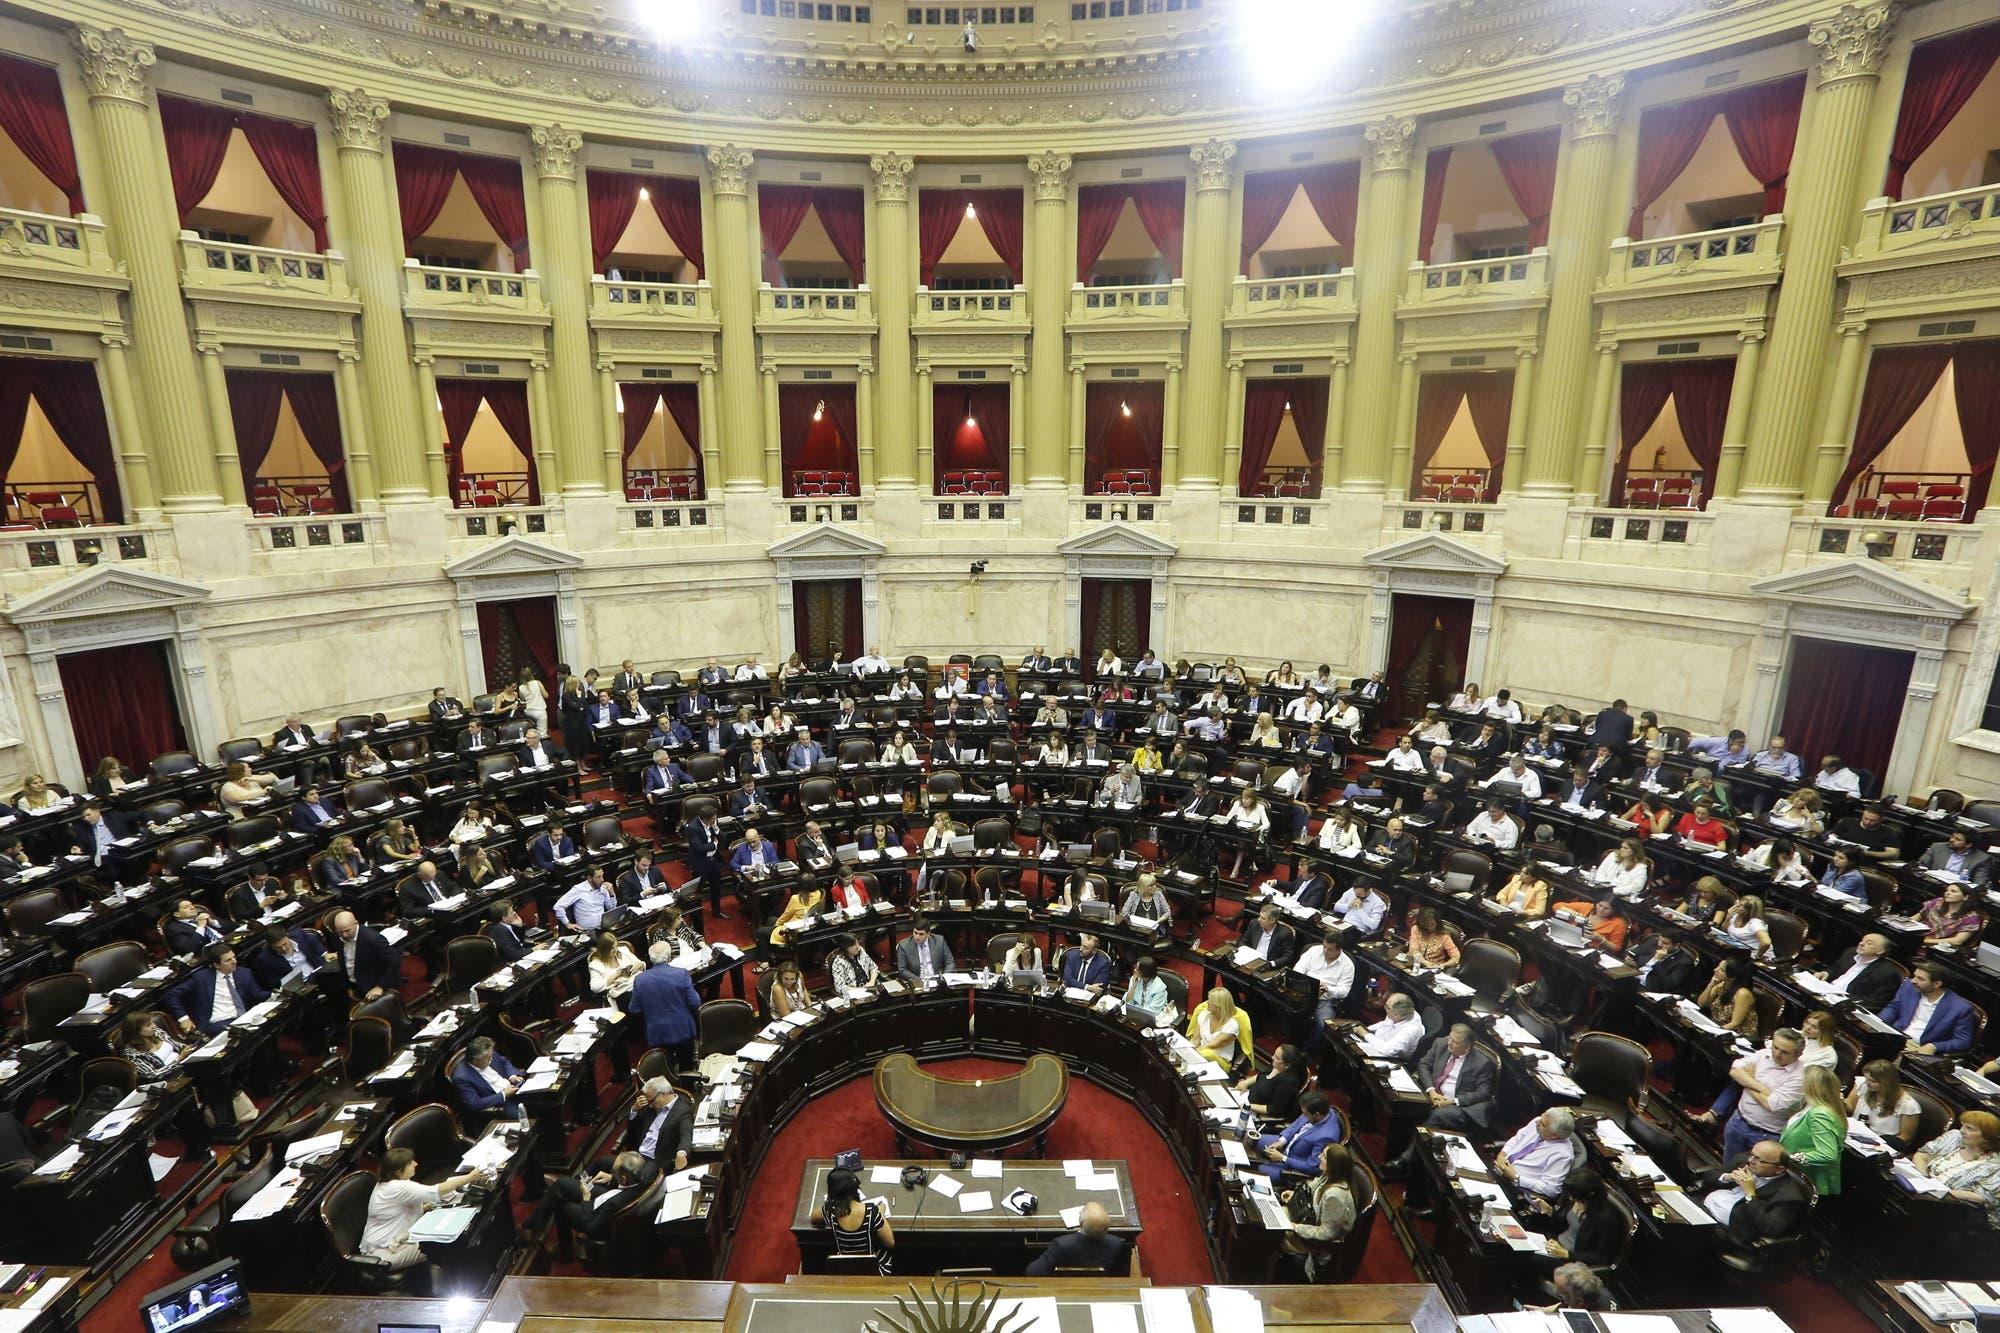 Tras la demora, el Gobierno promulgó la ley de emergencia económica